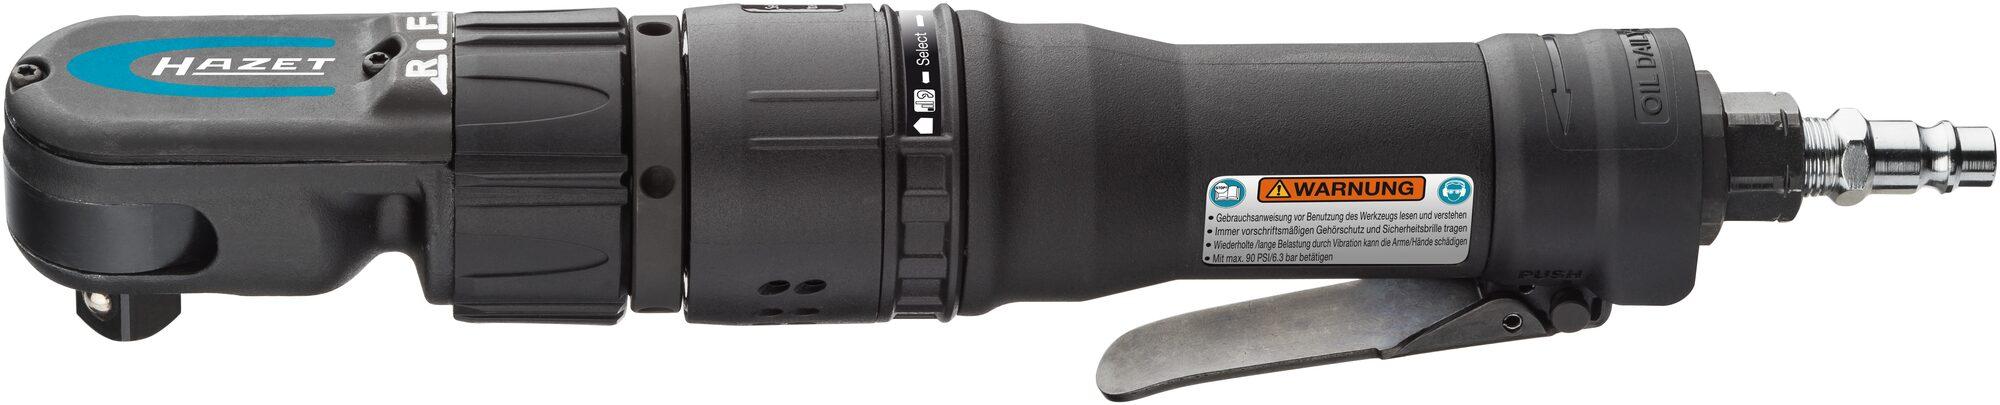 HAZET Hochleistungs-Ratschenschrauber 9022-360 ∙ Vierkant massiv 12,5 mm (1/2 Zoll)